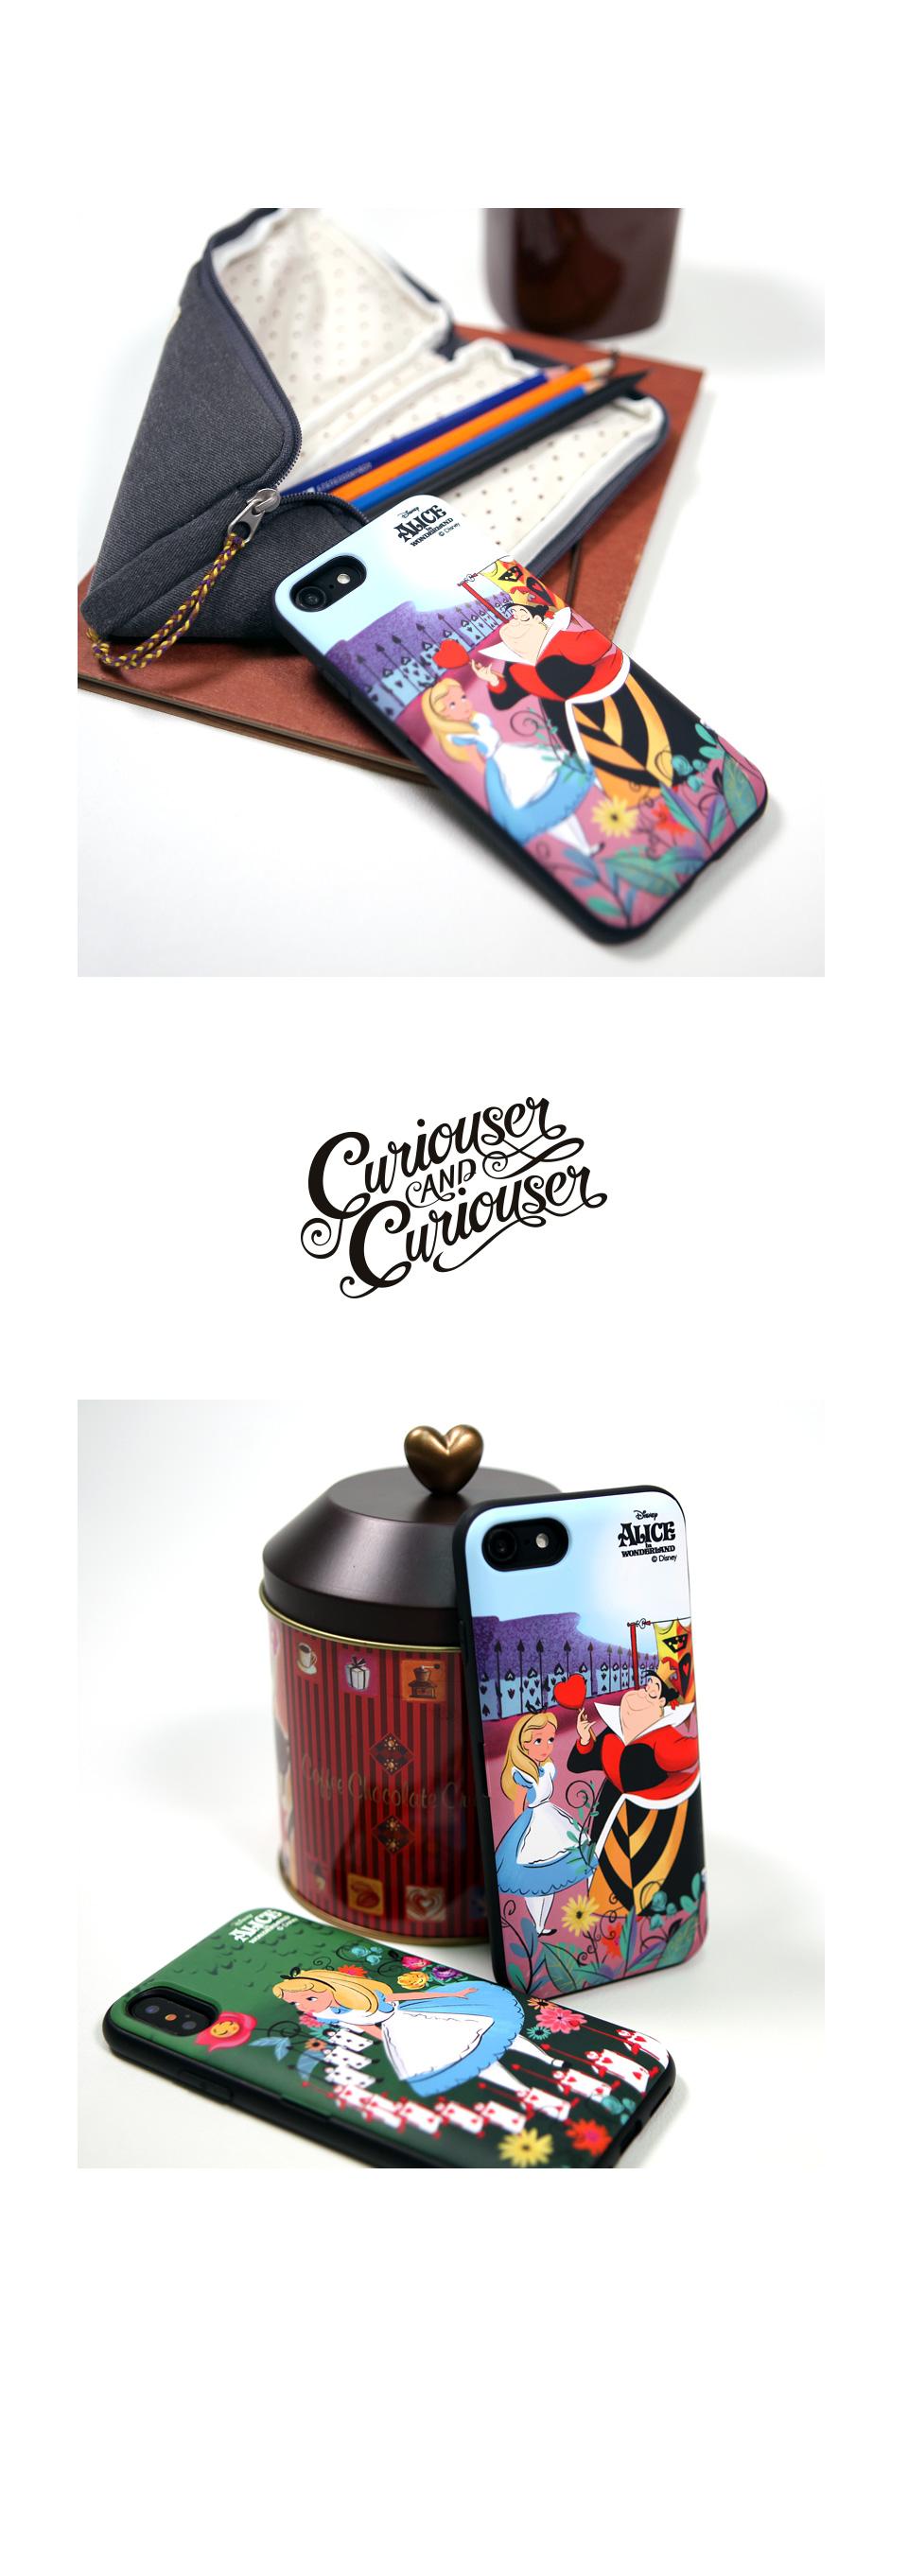 디즈니 앨리스 카드 케이스 퀸스가든 - 스토리너스, 25,000원, 케이스, 아이폰X